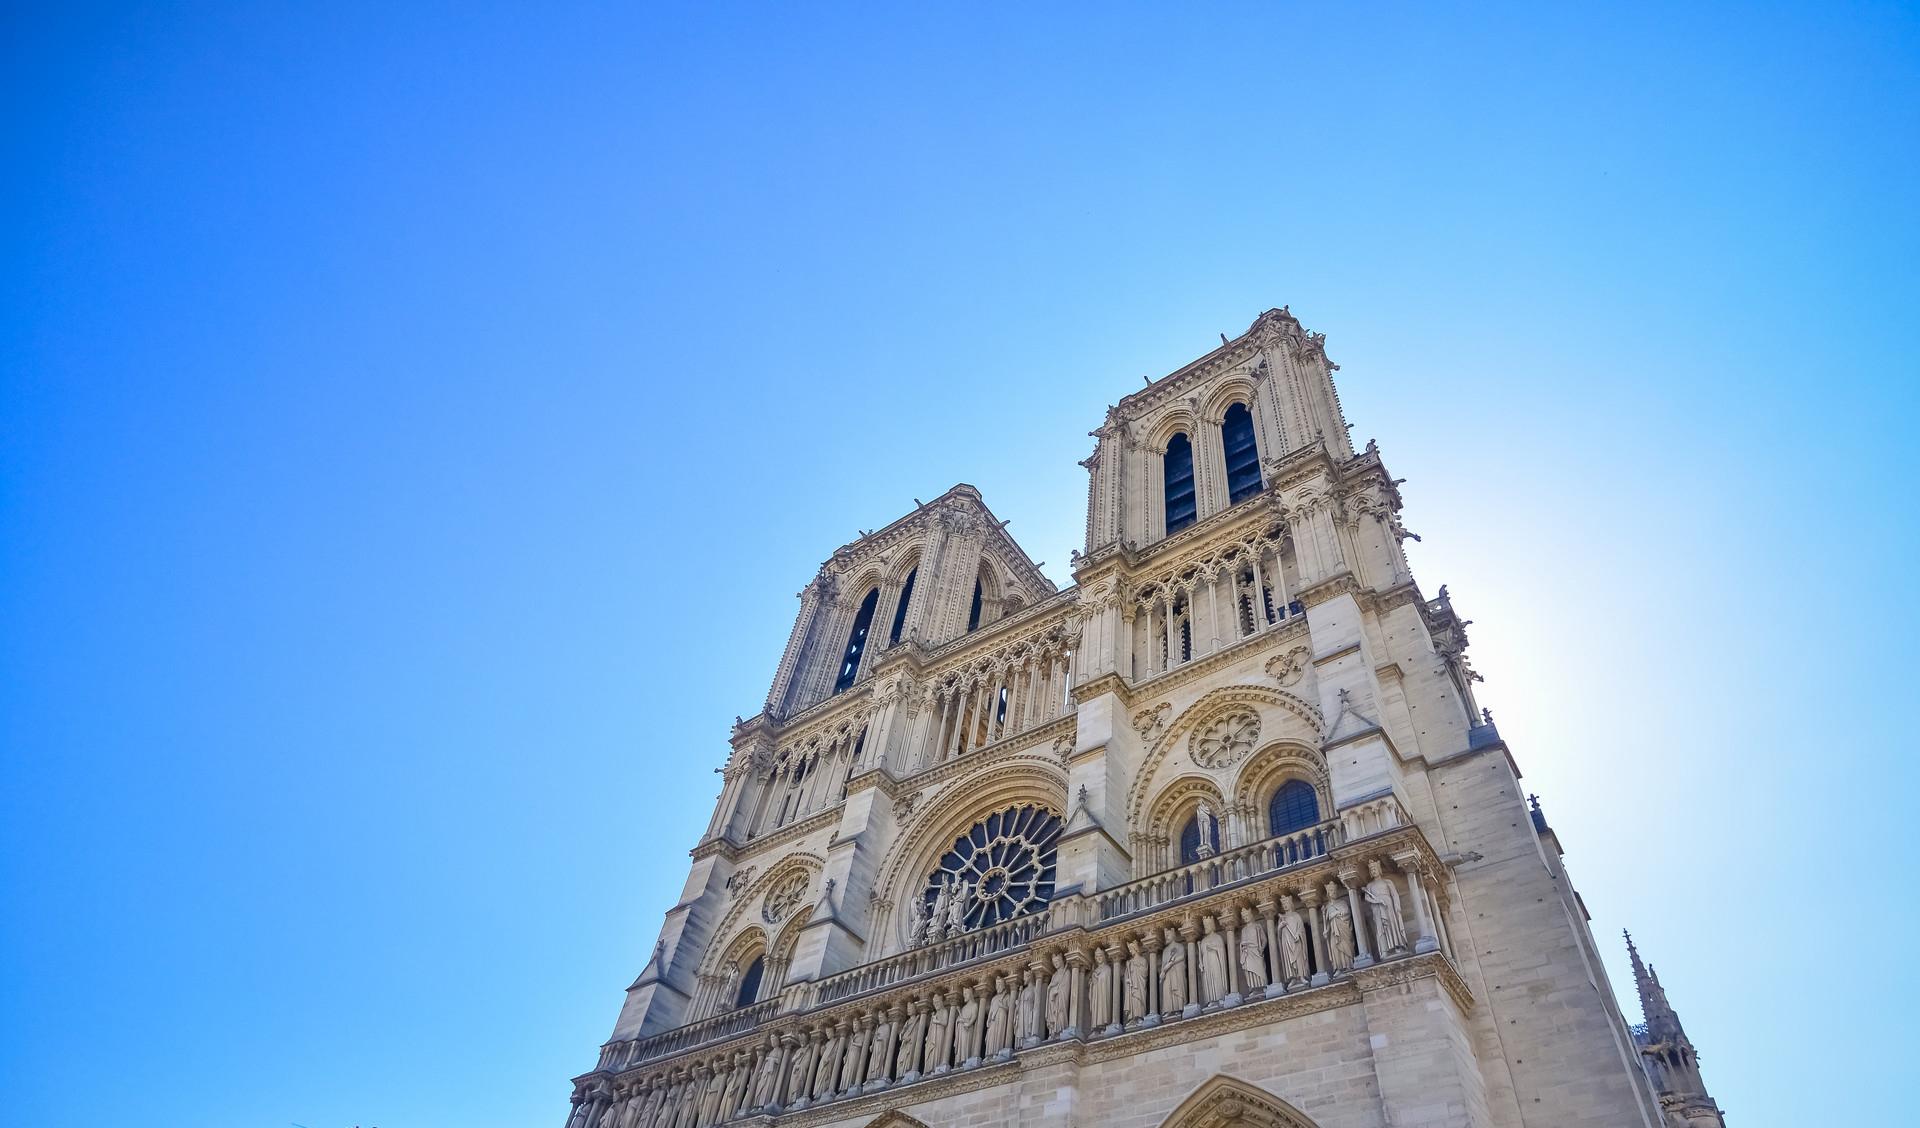 巴黎圣母院5年内修复:这些技术大展身手 大疆的无人机也上场了!